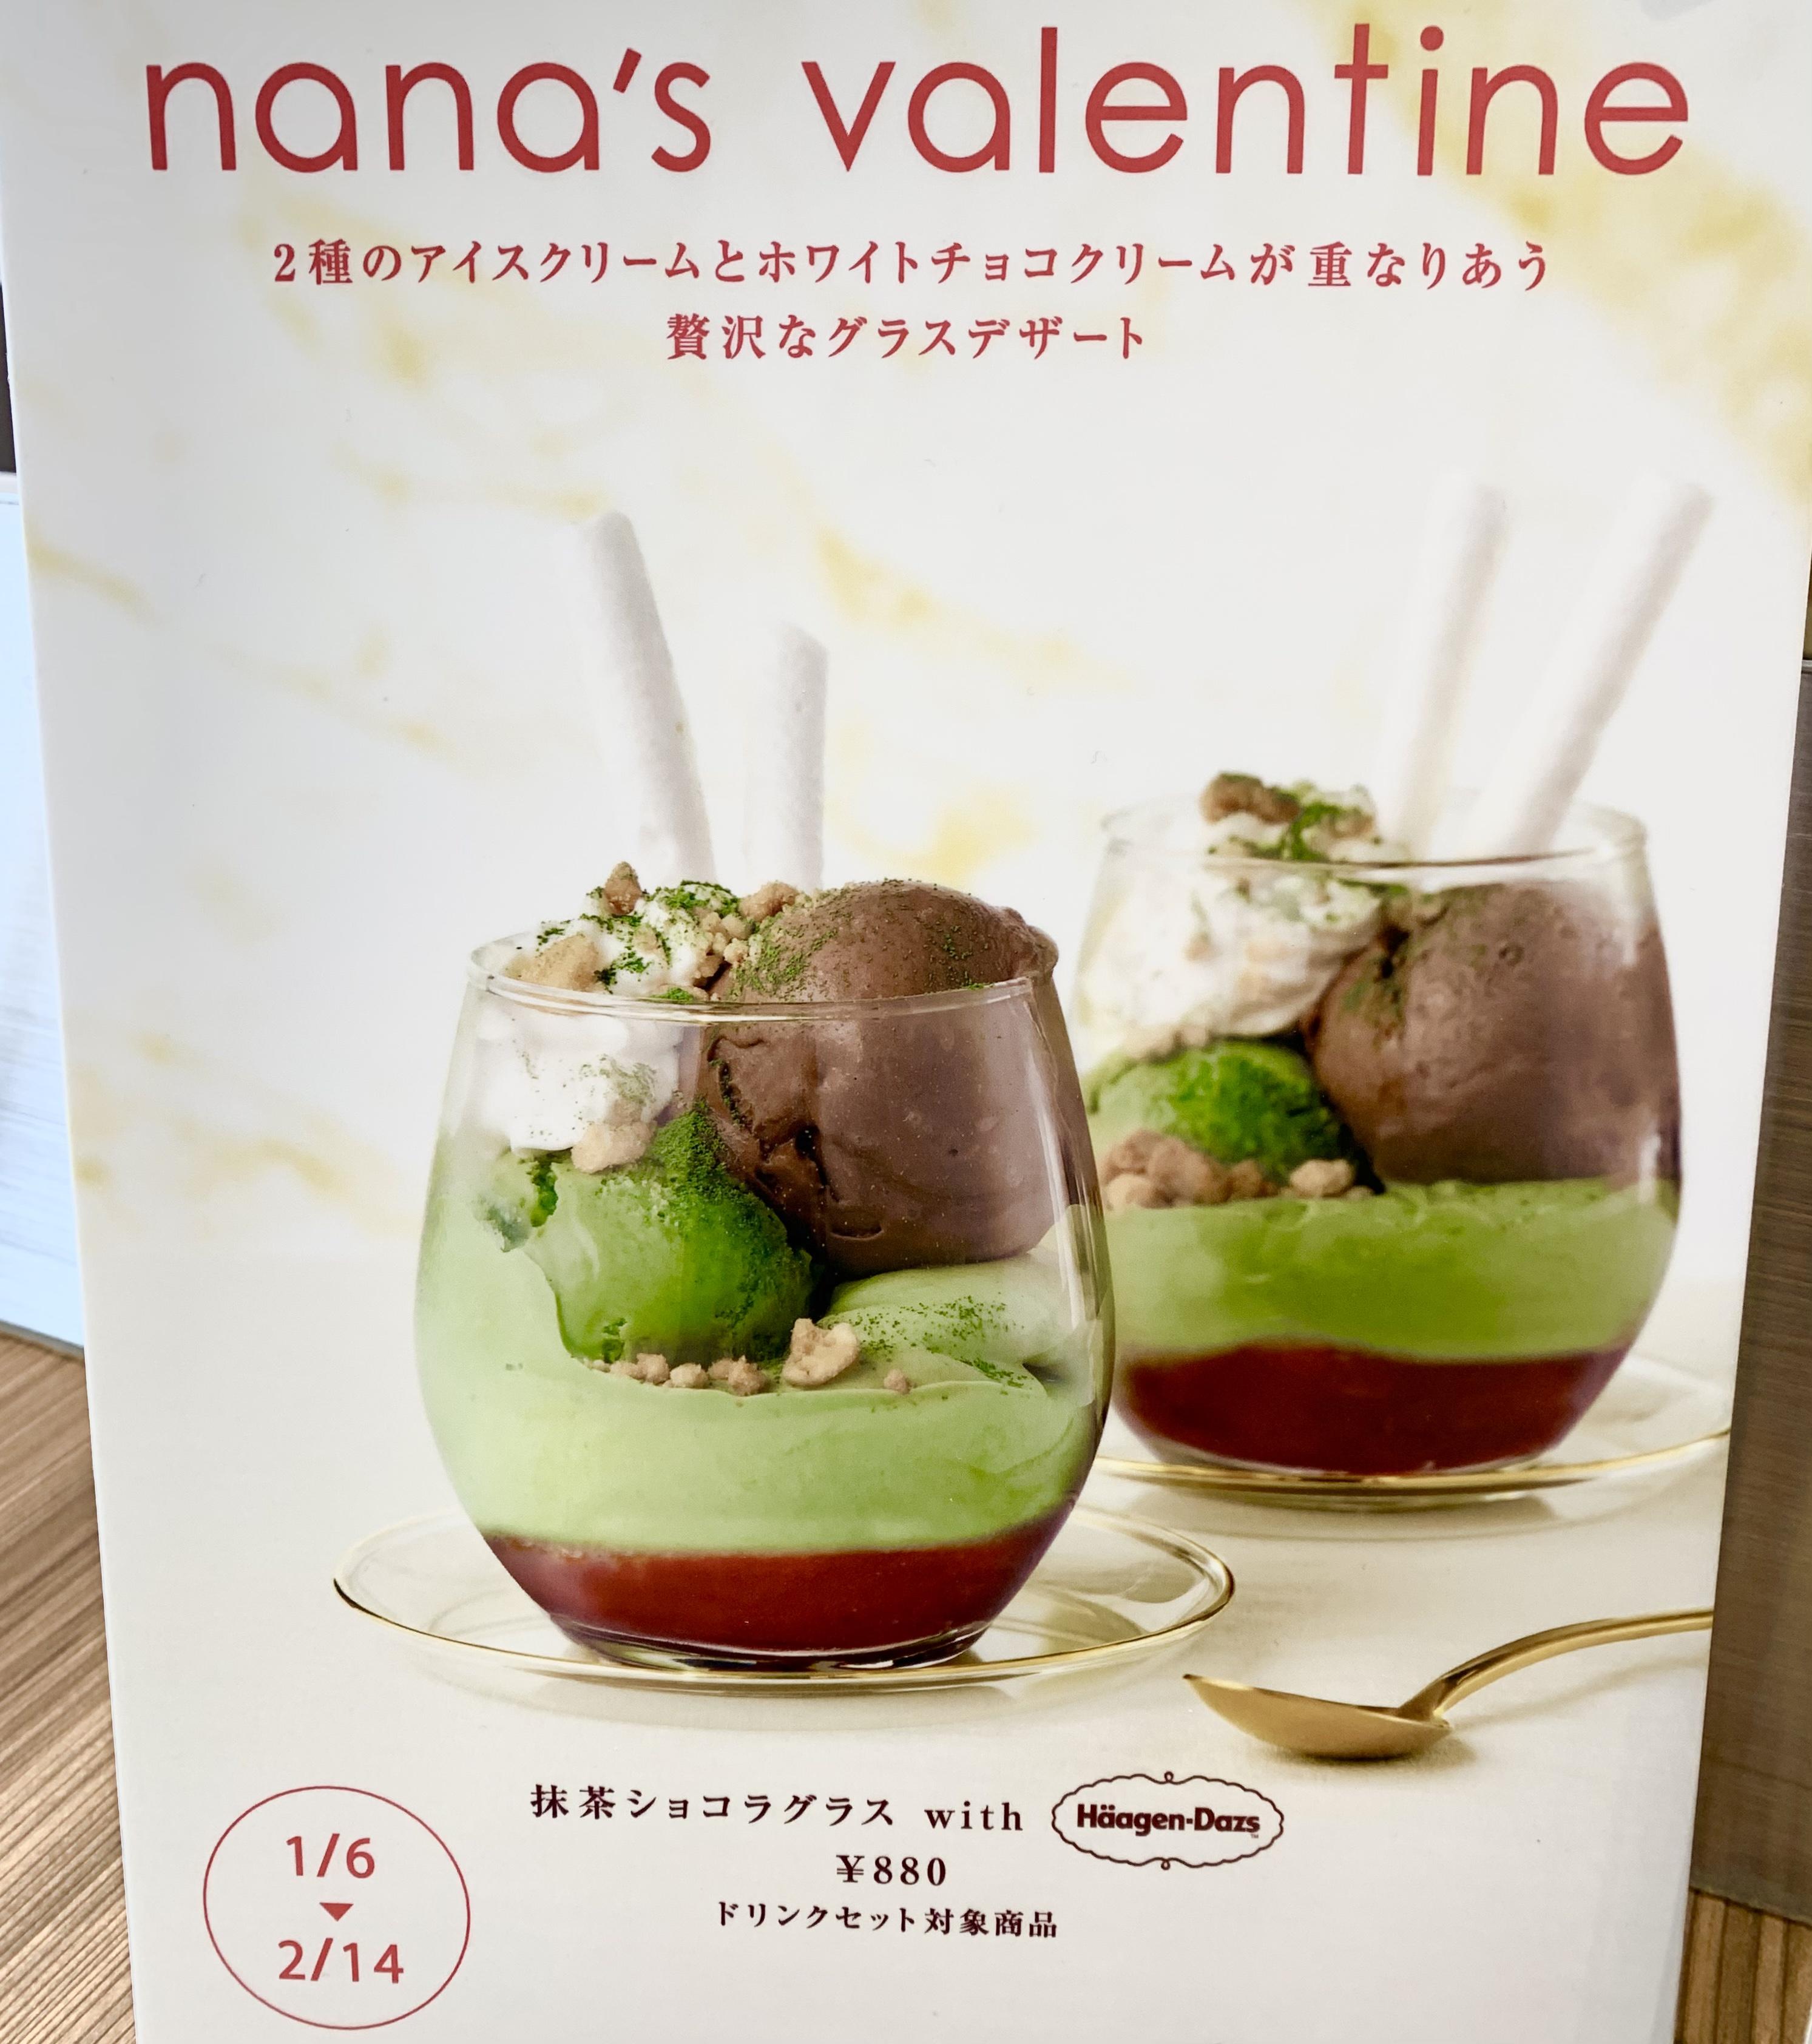 【抹茶好き必見】抹茶ショコラグラス with ハーゲンダッツが期間限定♡nana's green tea♡_1